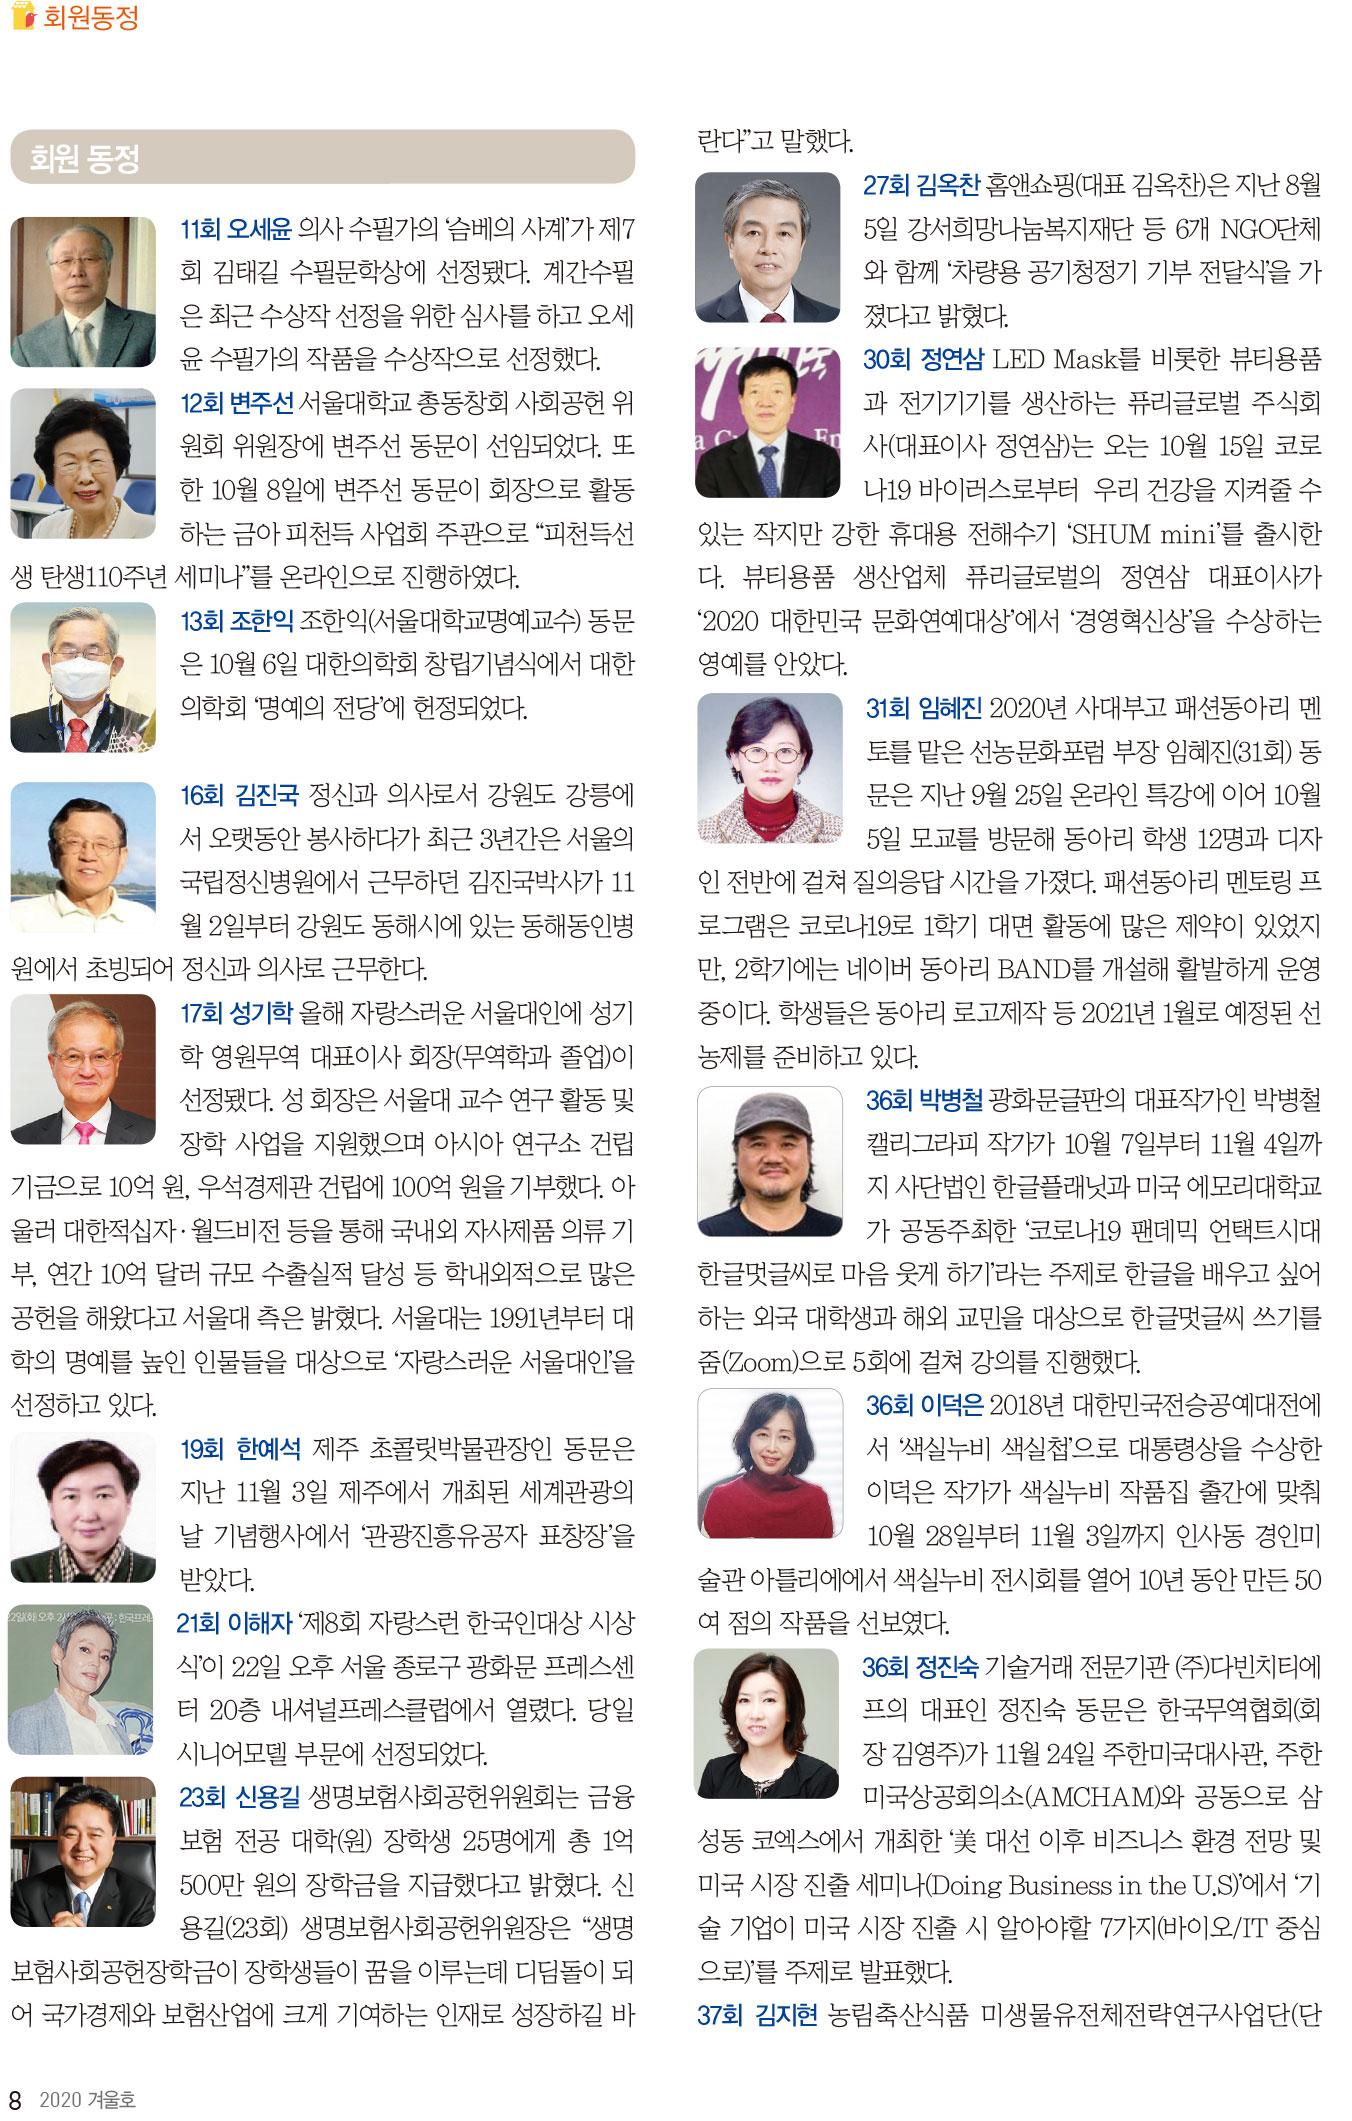 서울사대부고-115호-홈페이지-8.jpg